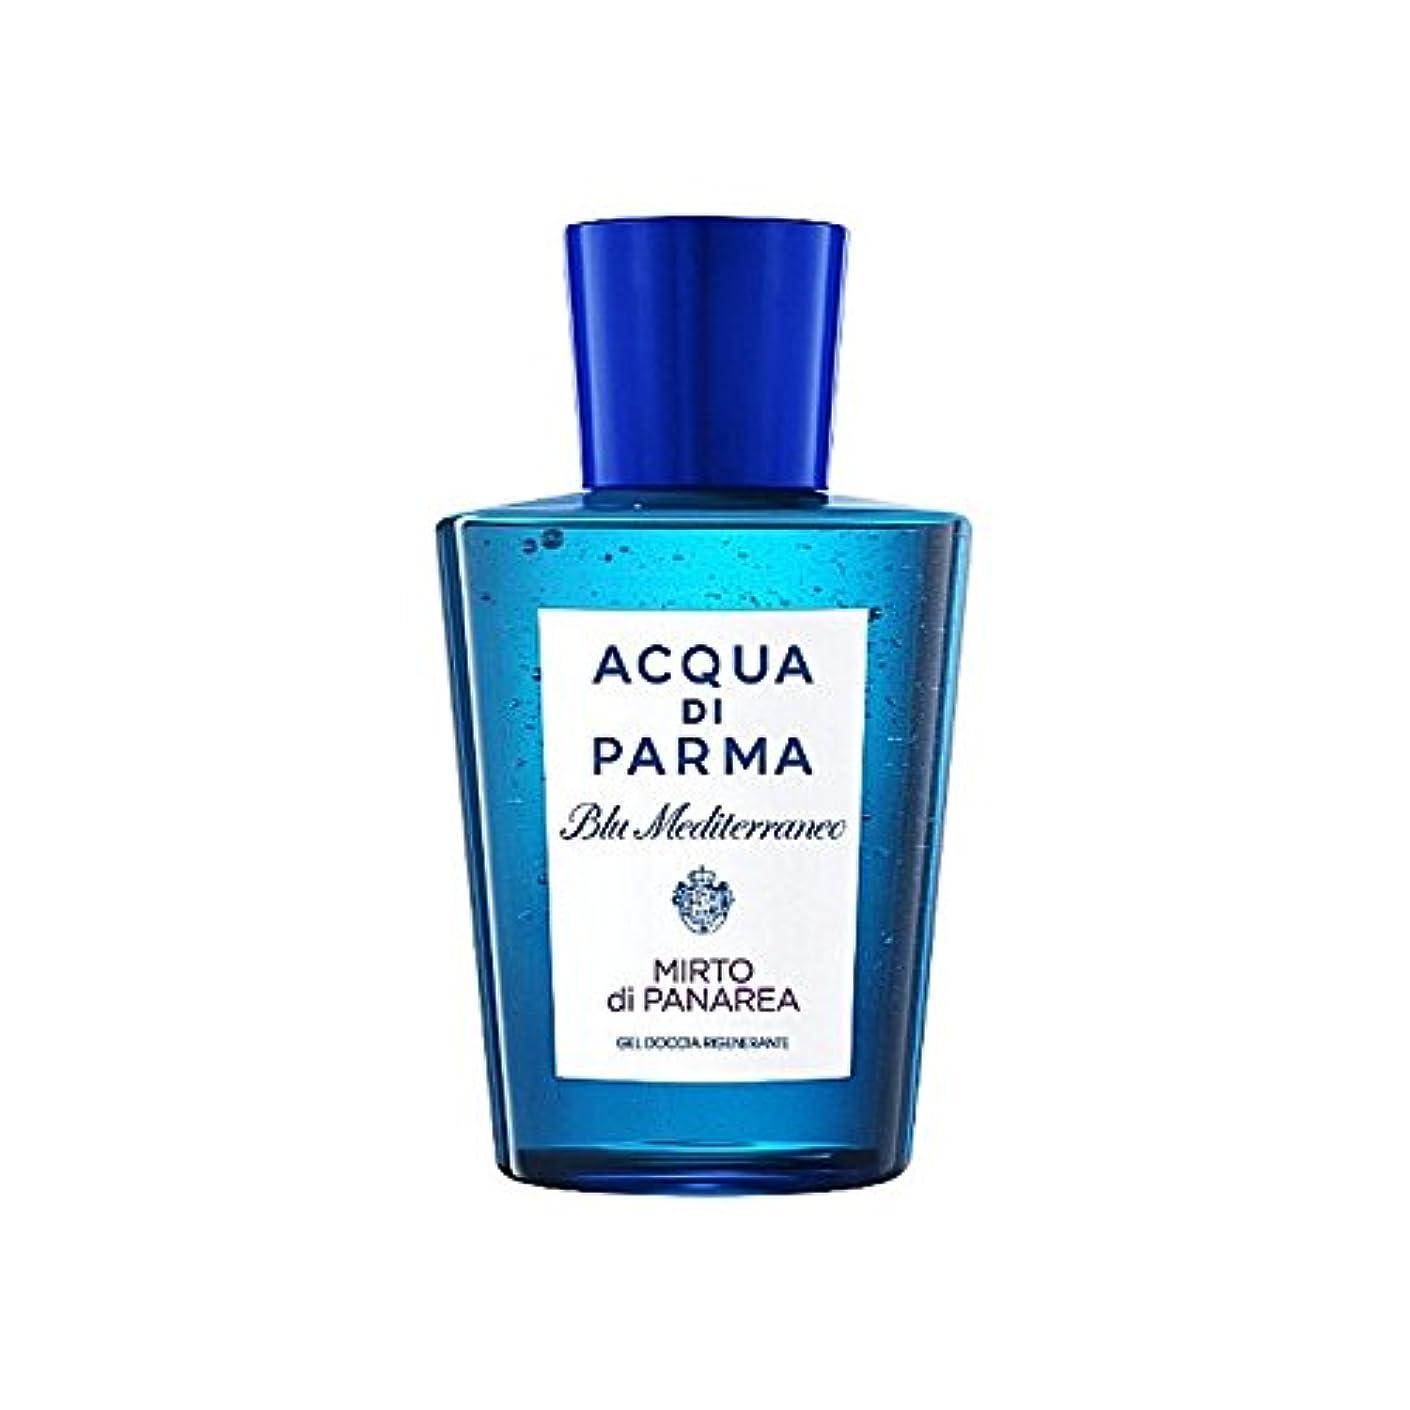 普通の国籍実装するAcqua Di Parma Blu Mediterraneo Mirto Di Panarea Shower Gel 200ml - アクアディパルマブルーメディミルトディパナレアシャワージェル200 [並行輸入品]